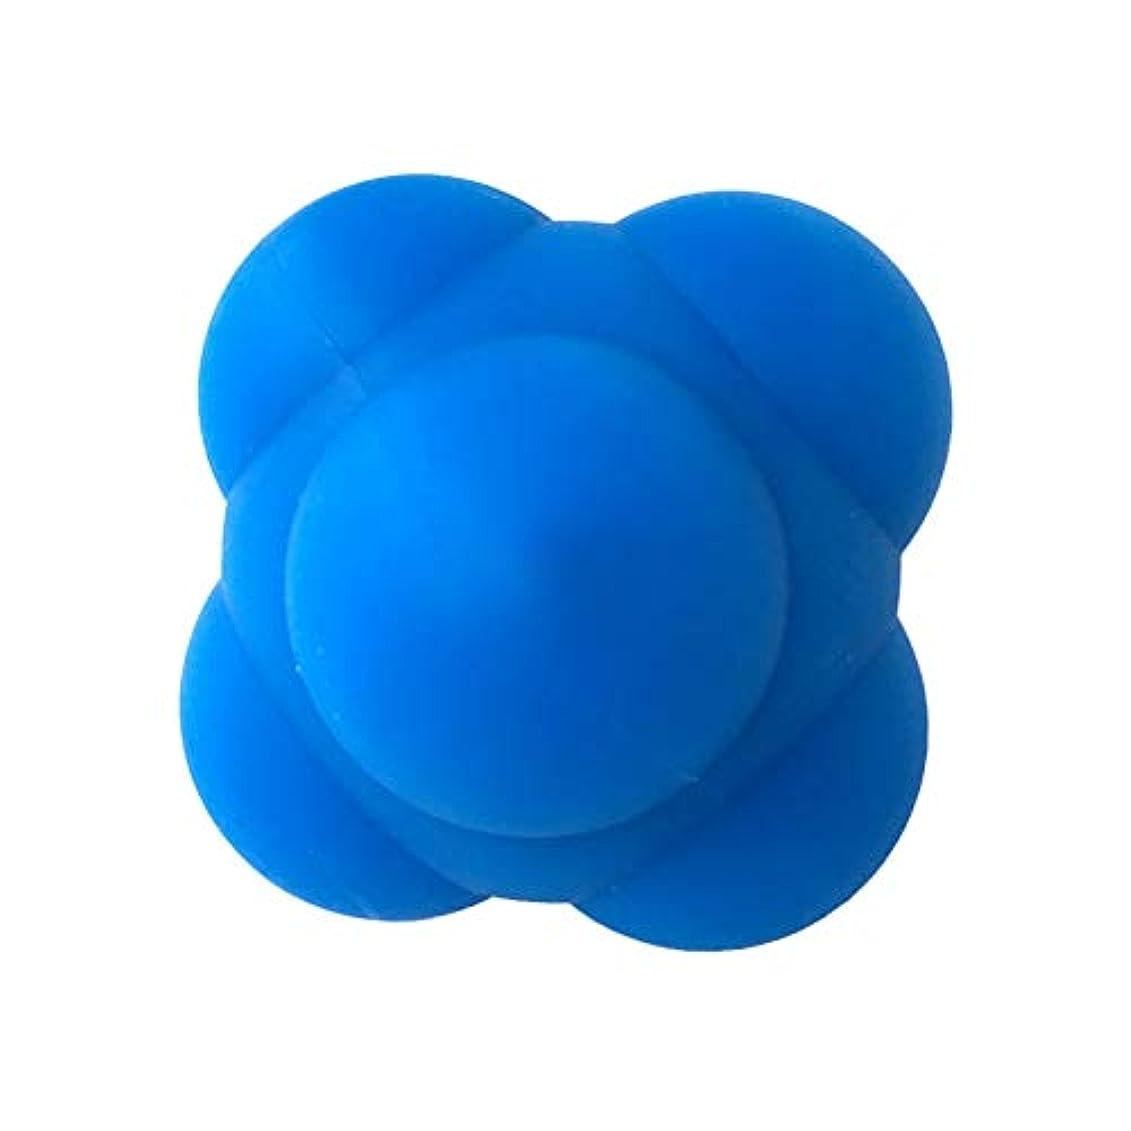 妊娠したブロー頭Healifty 敏捷性とスピードのためのリアクションボールハンドアイコーディネーションブルー